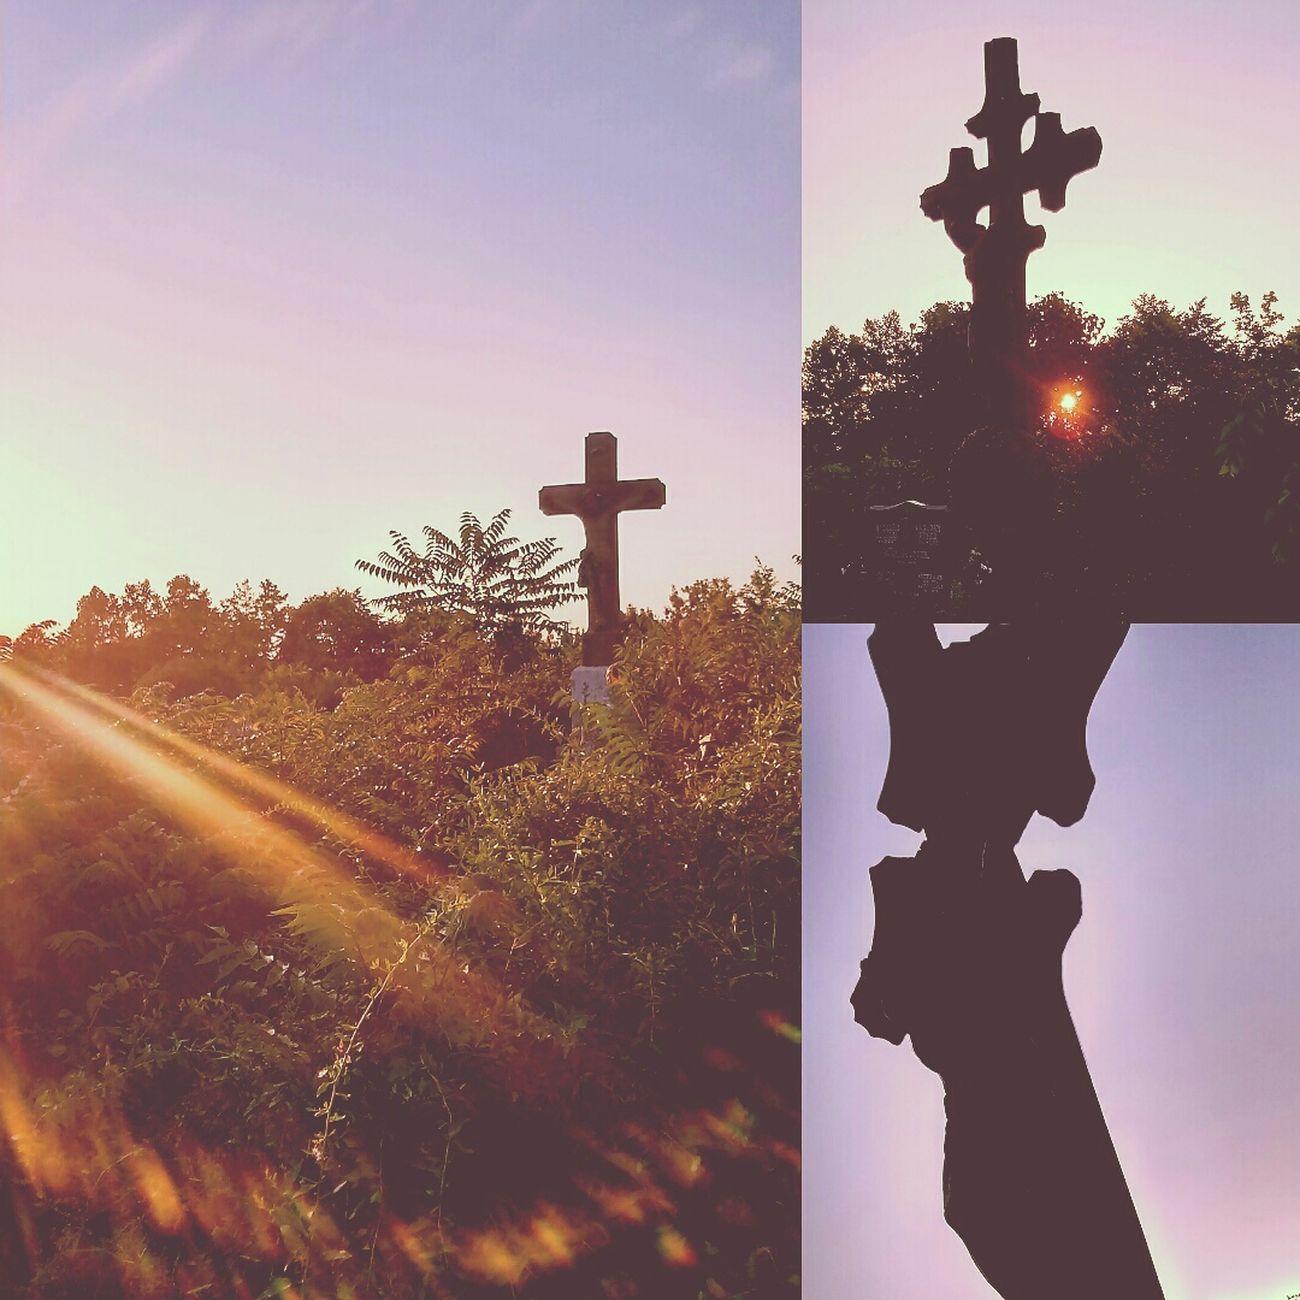 Cementery Temető Vajdaság Serbia Srbija Szerbia Cross Kereszt